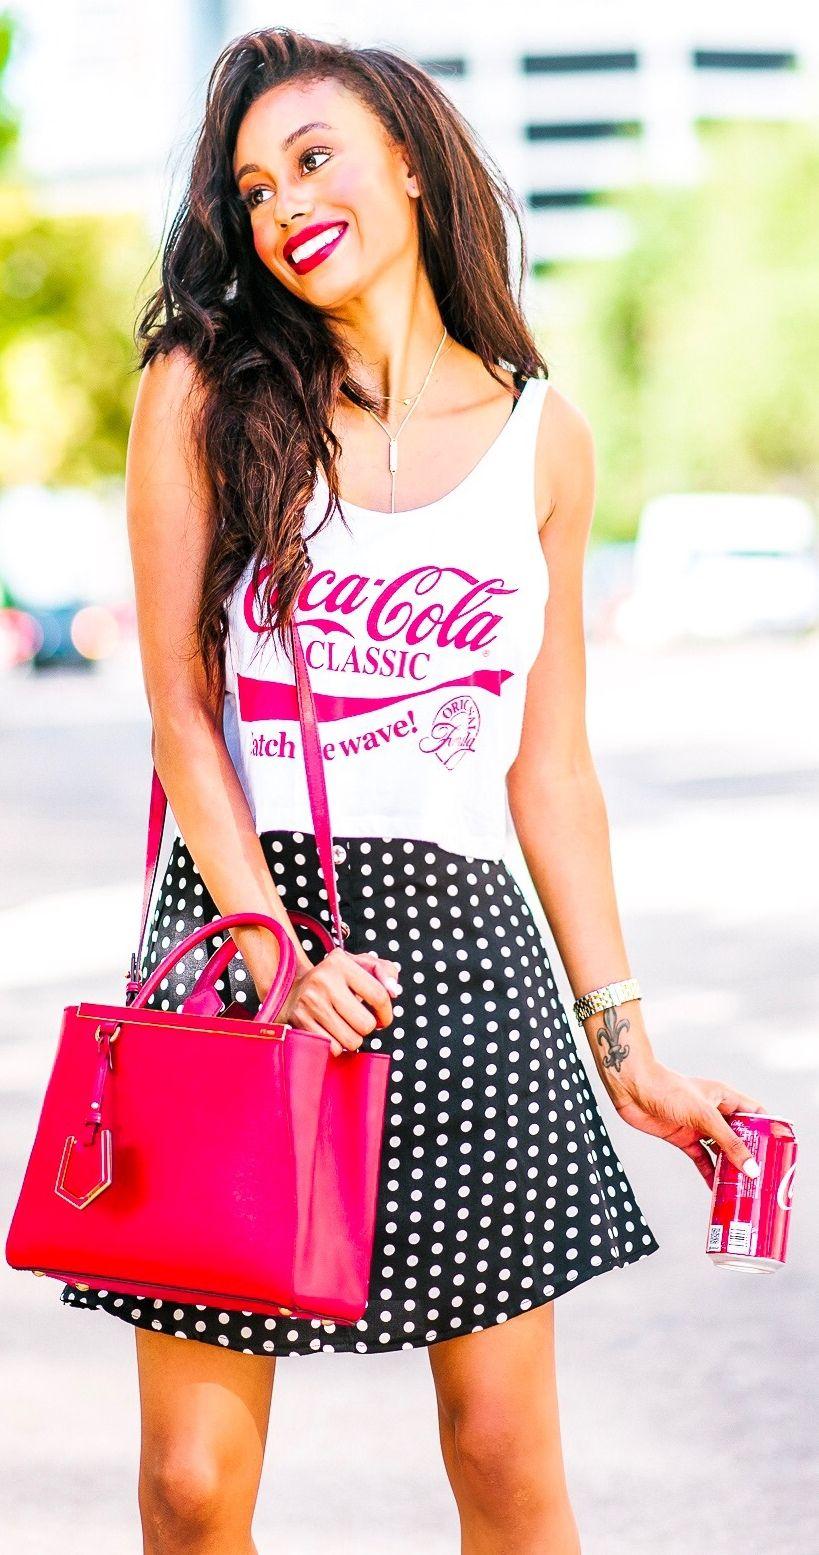 ff0ea06882 Coca-Cola in pink